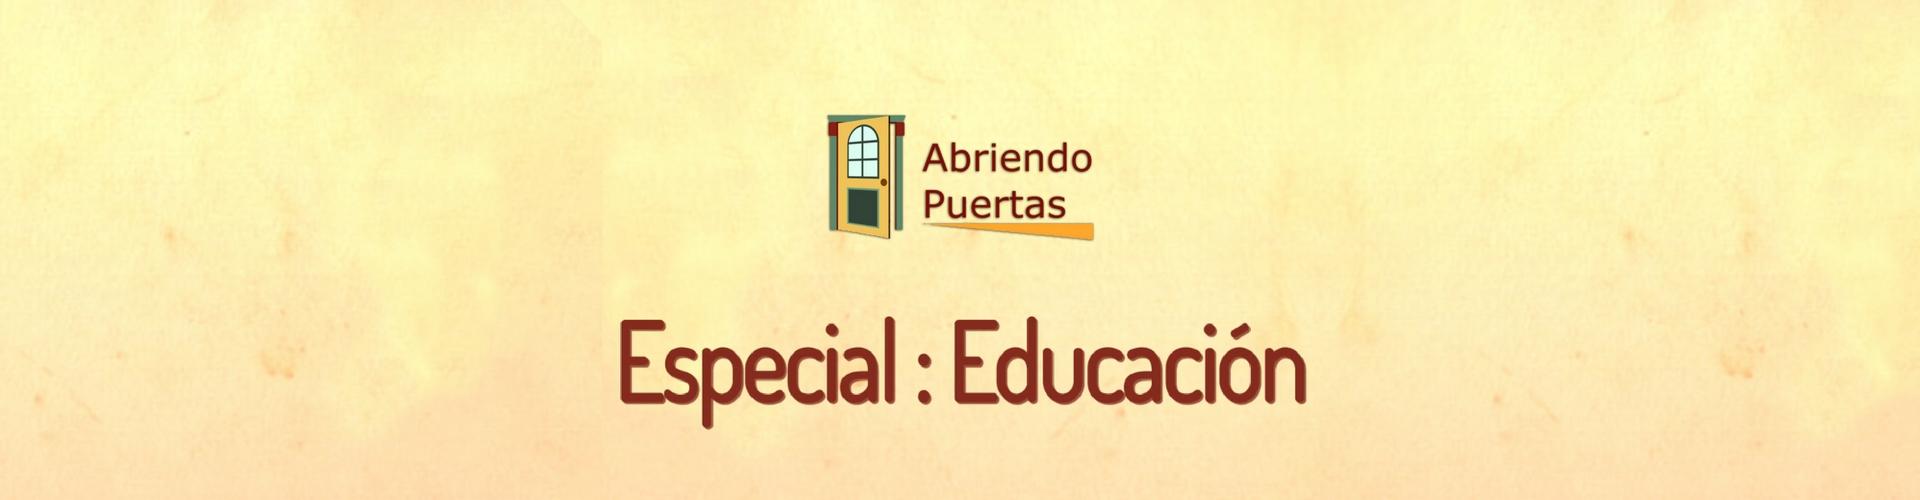 especial-educacion-portada